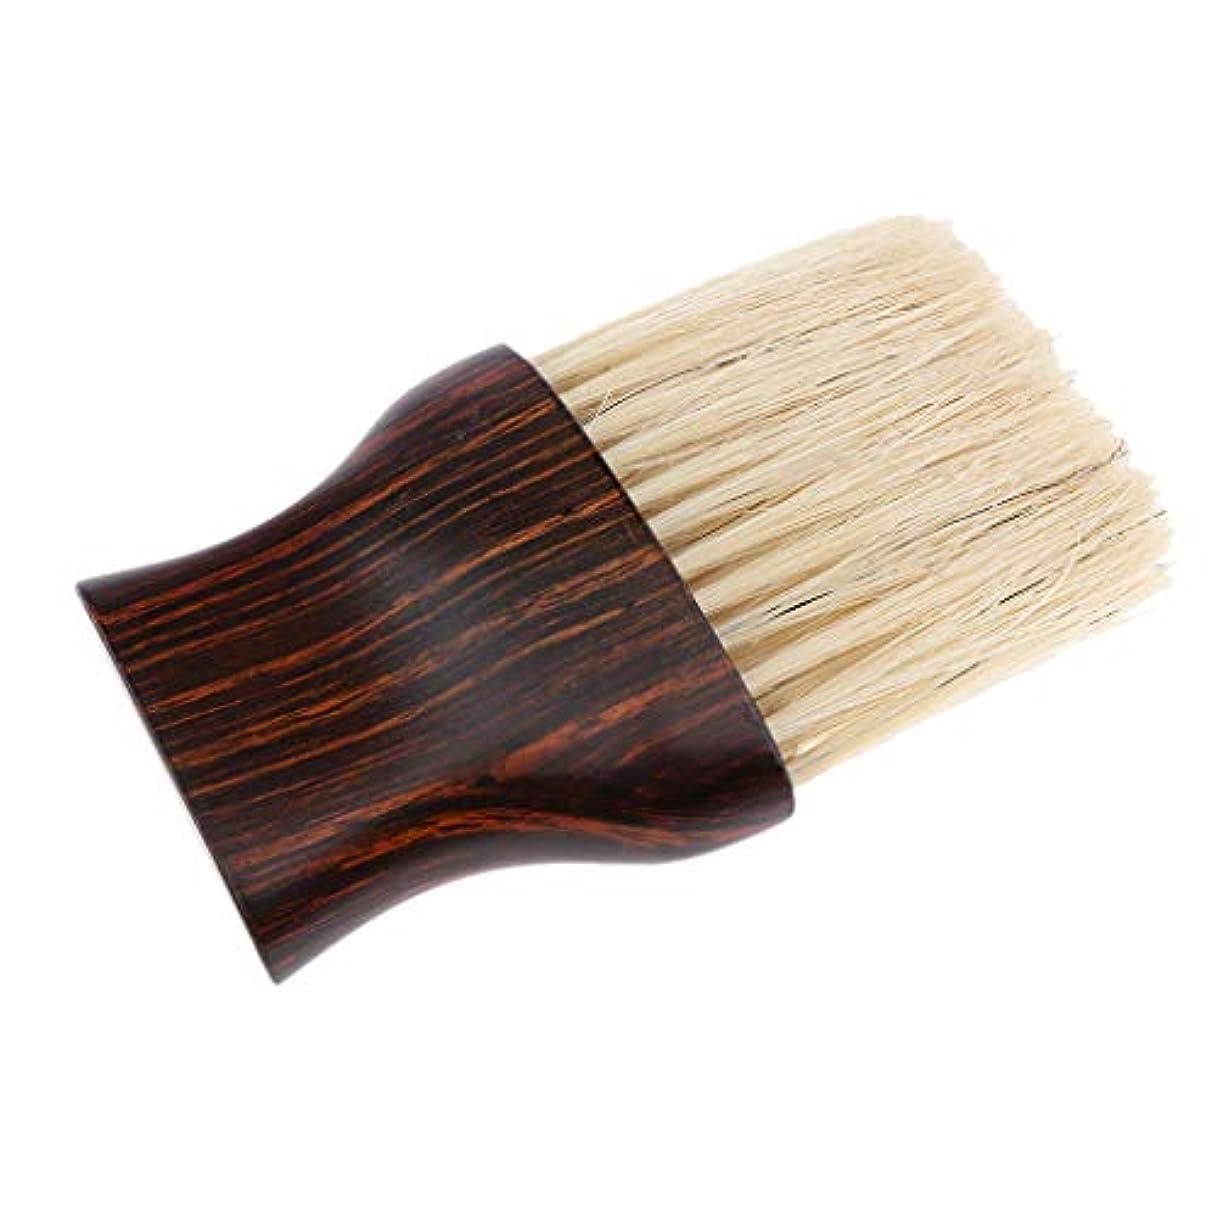 成熟悪性の反乱ネックダスターブラシ ヘアカットブラシ クリーニング ヘアブラシ 理髪美容ツール